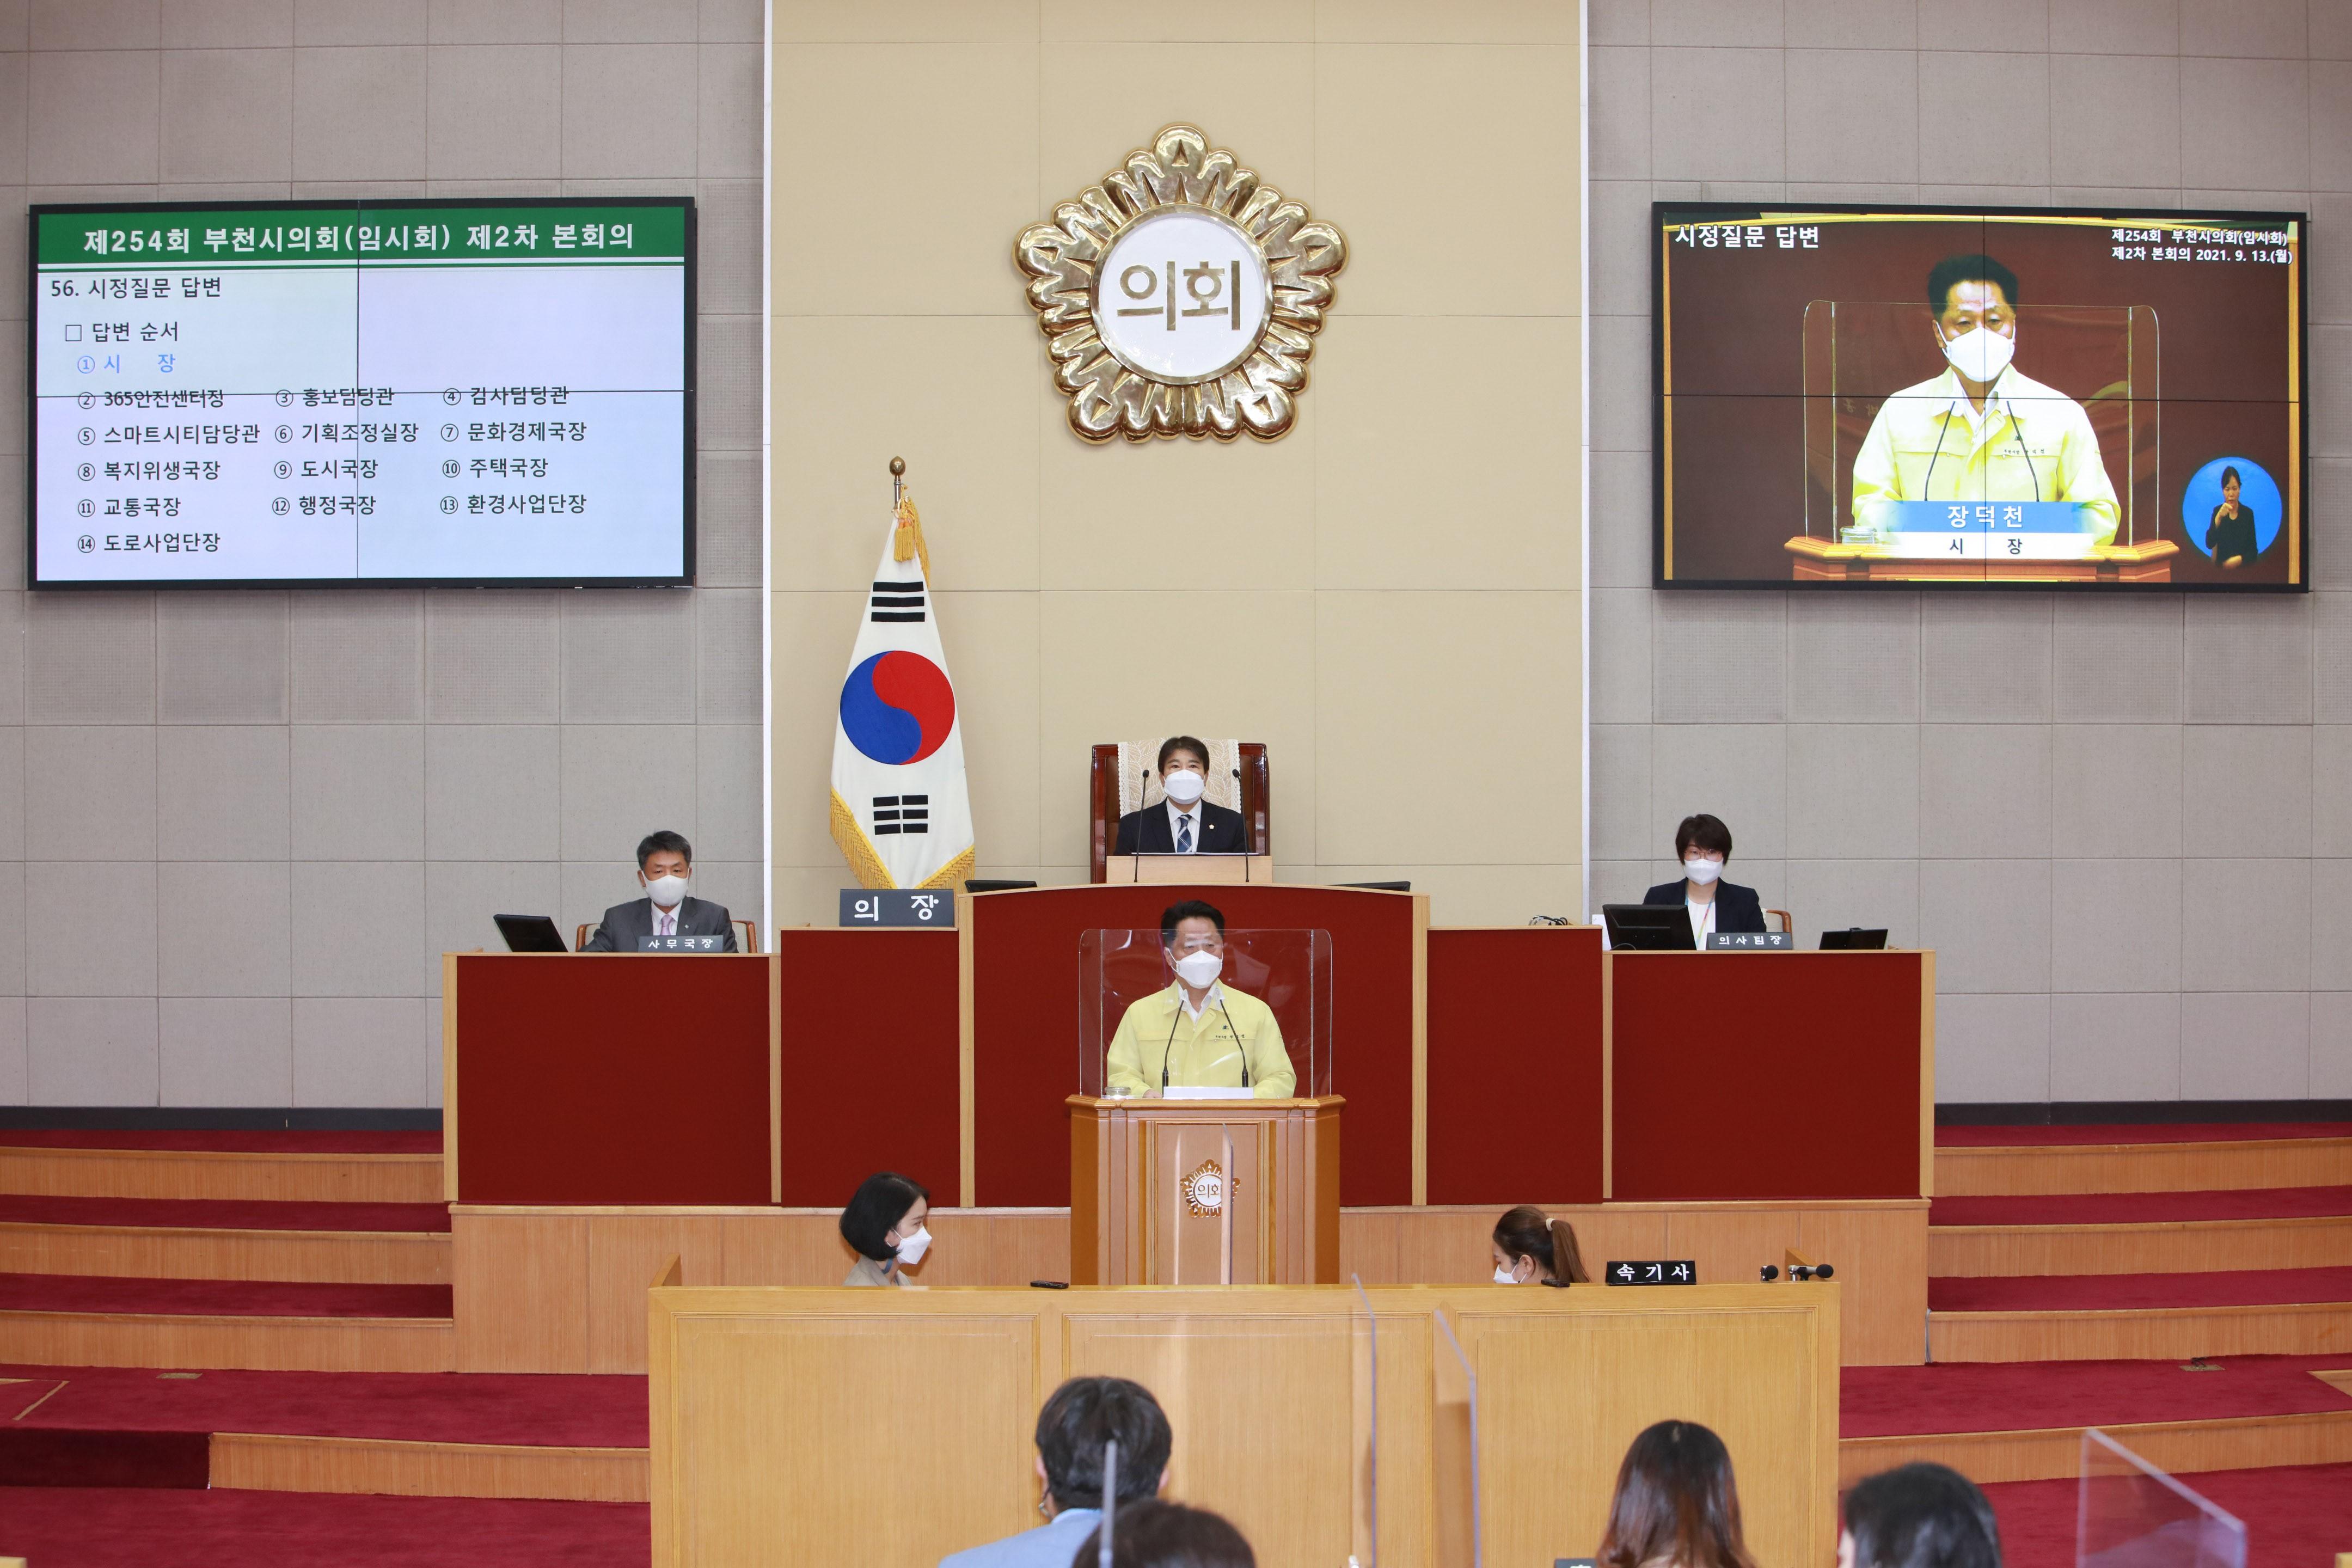 부천시의회, 제254회 임시회 마무리